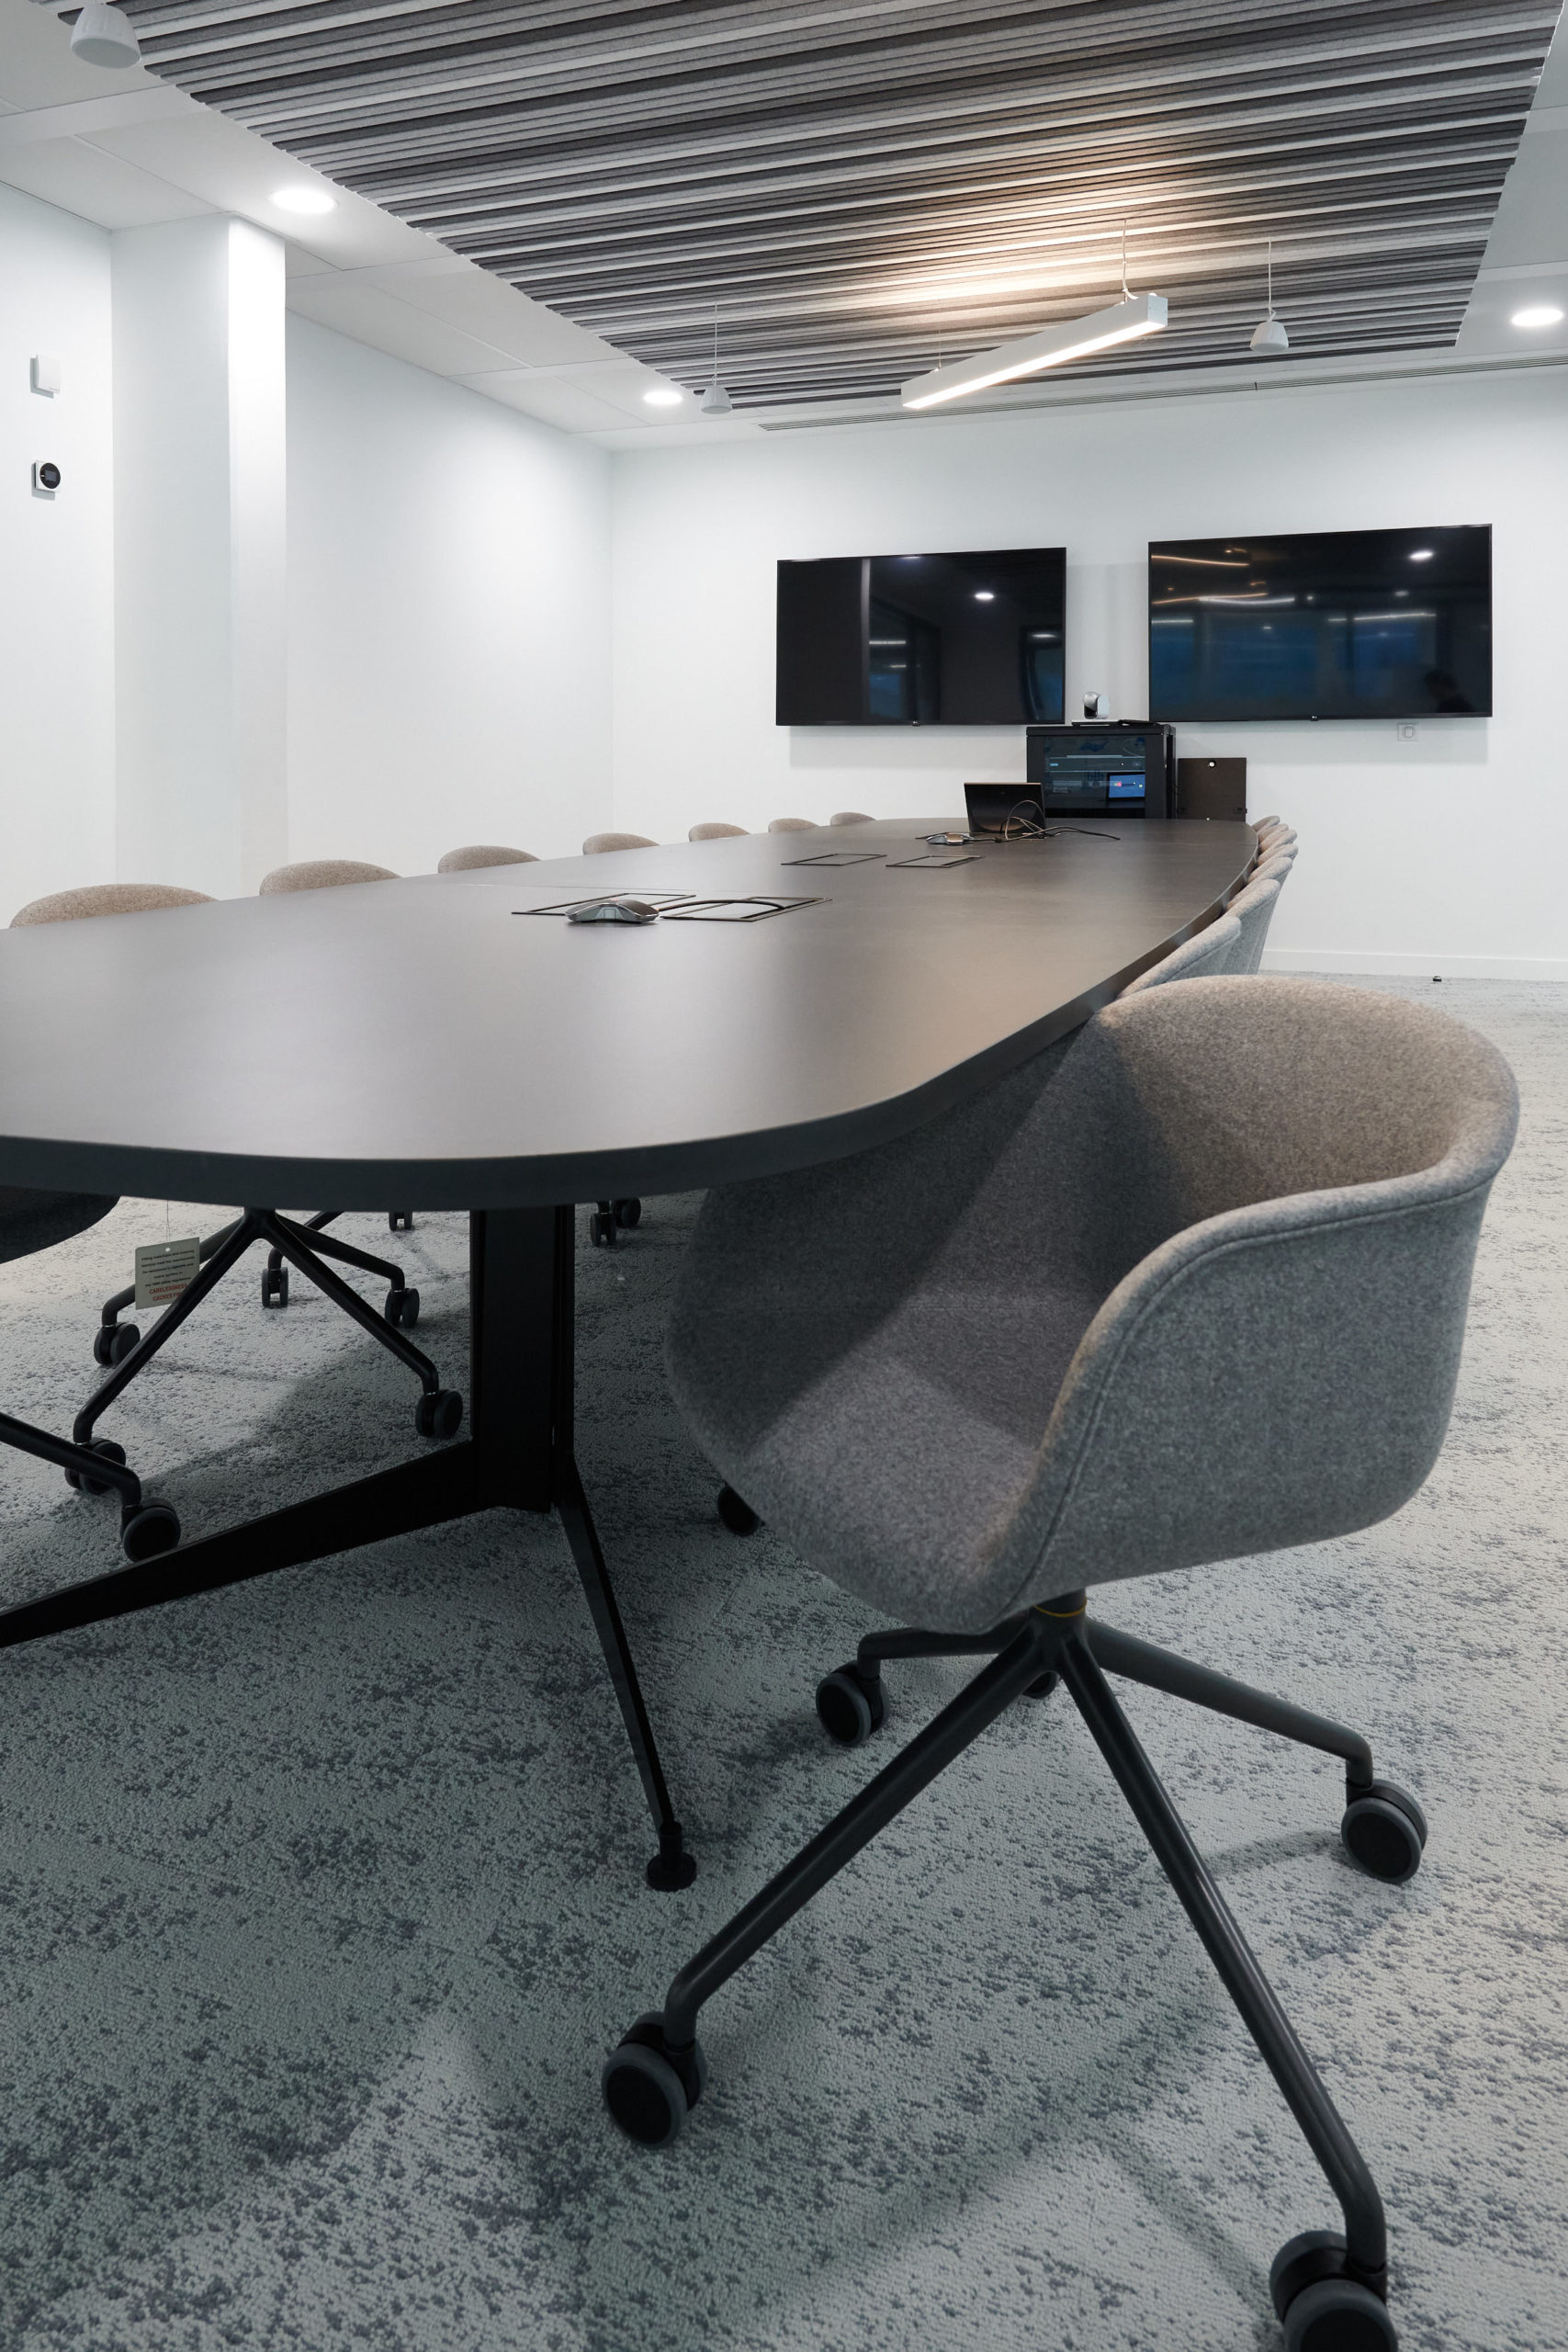 Skema-table réunion-fauteuil à roulette-écran vidéo